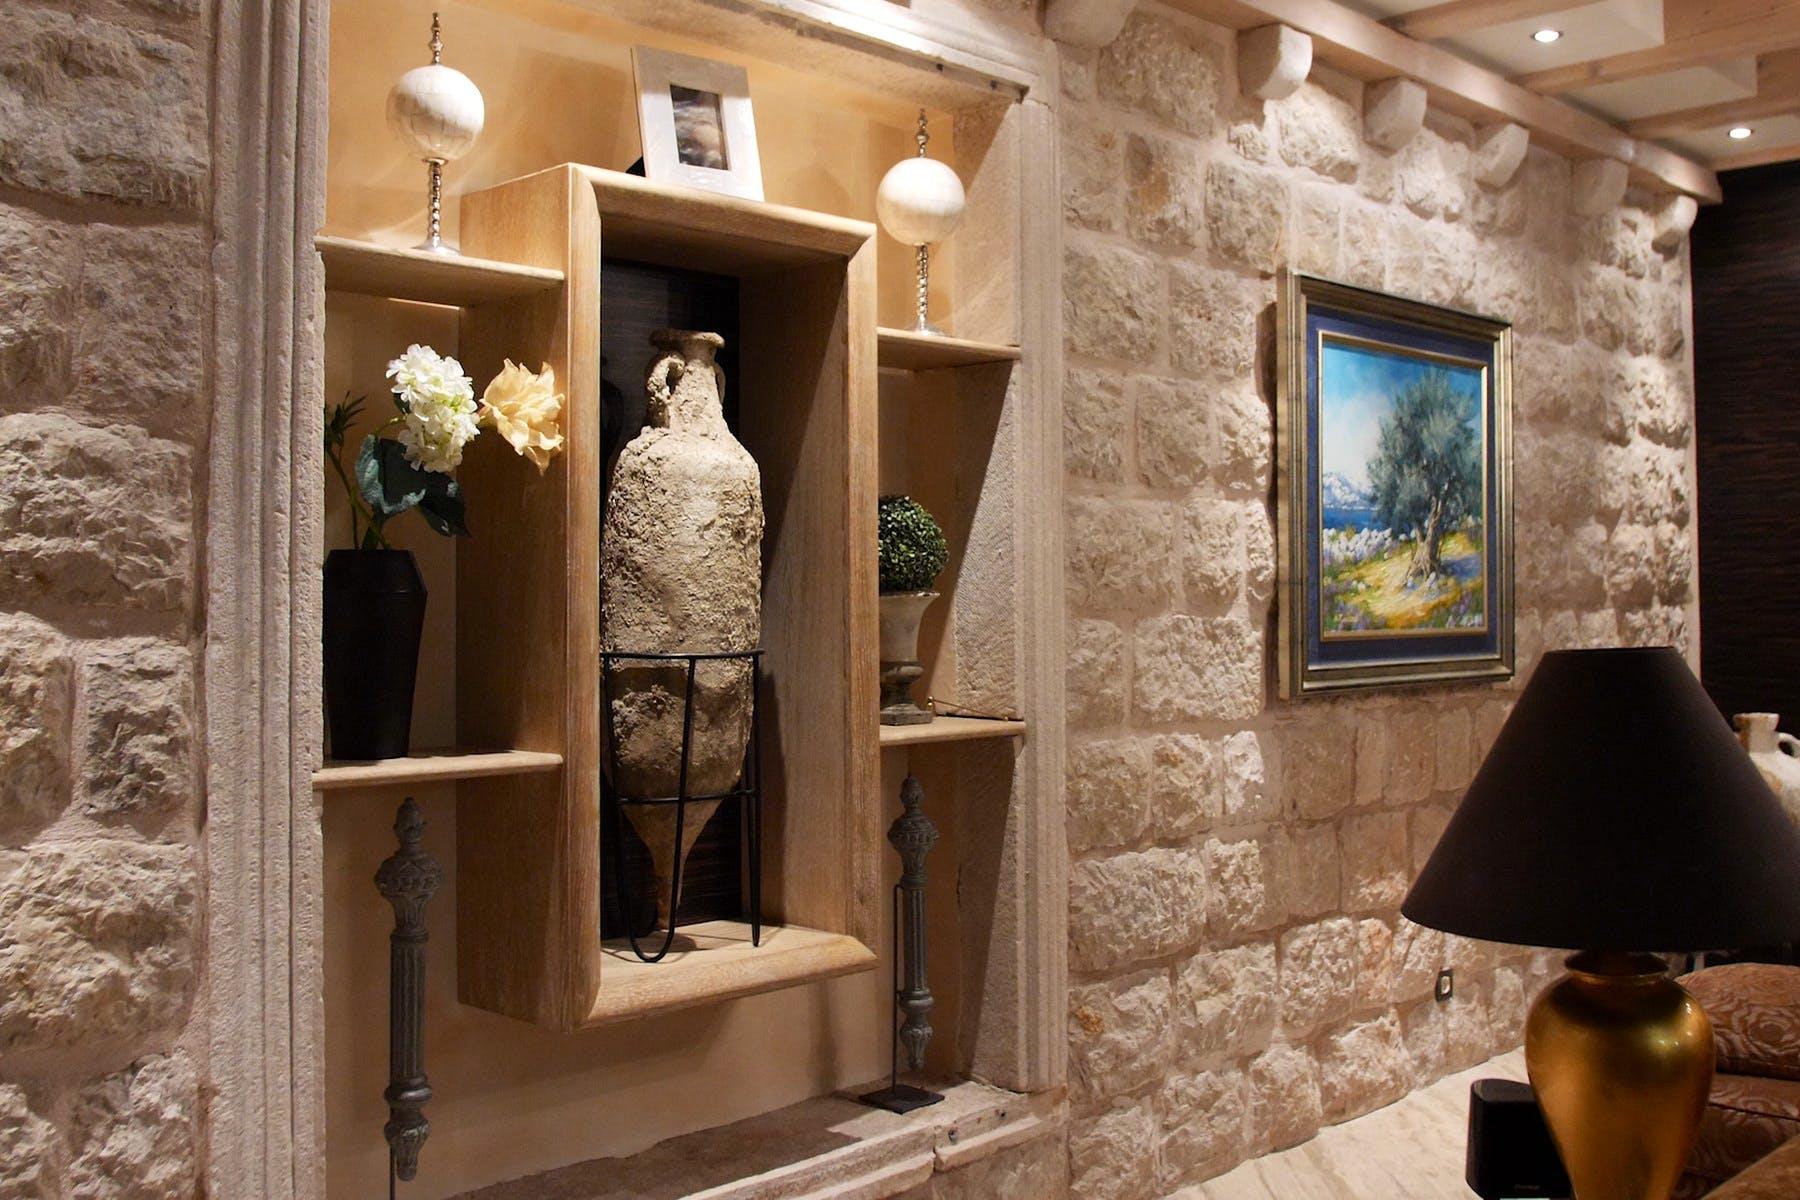 Luxurious interior details